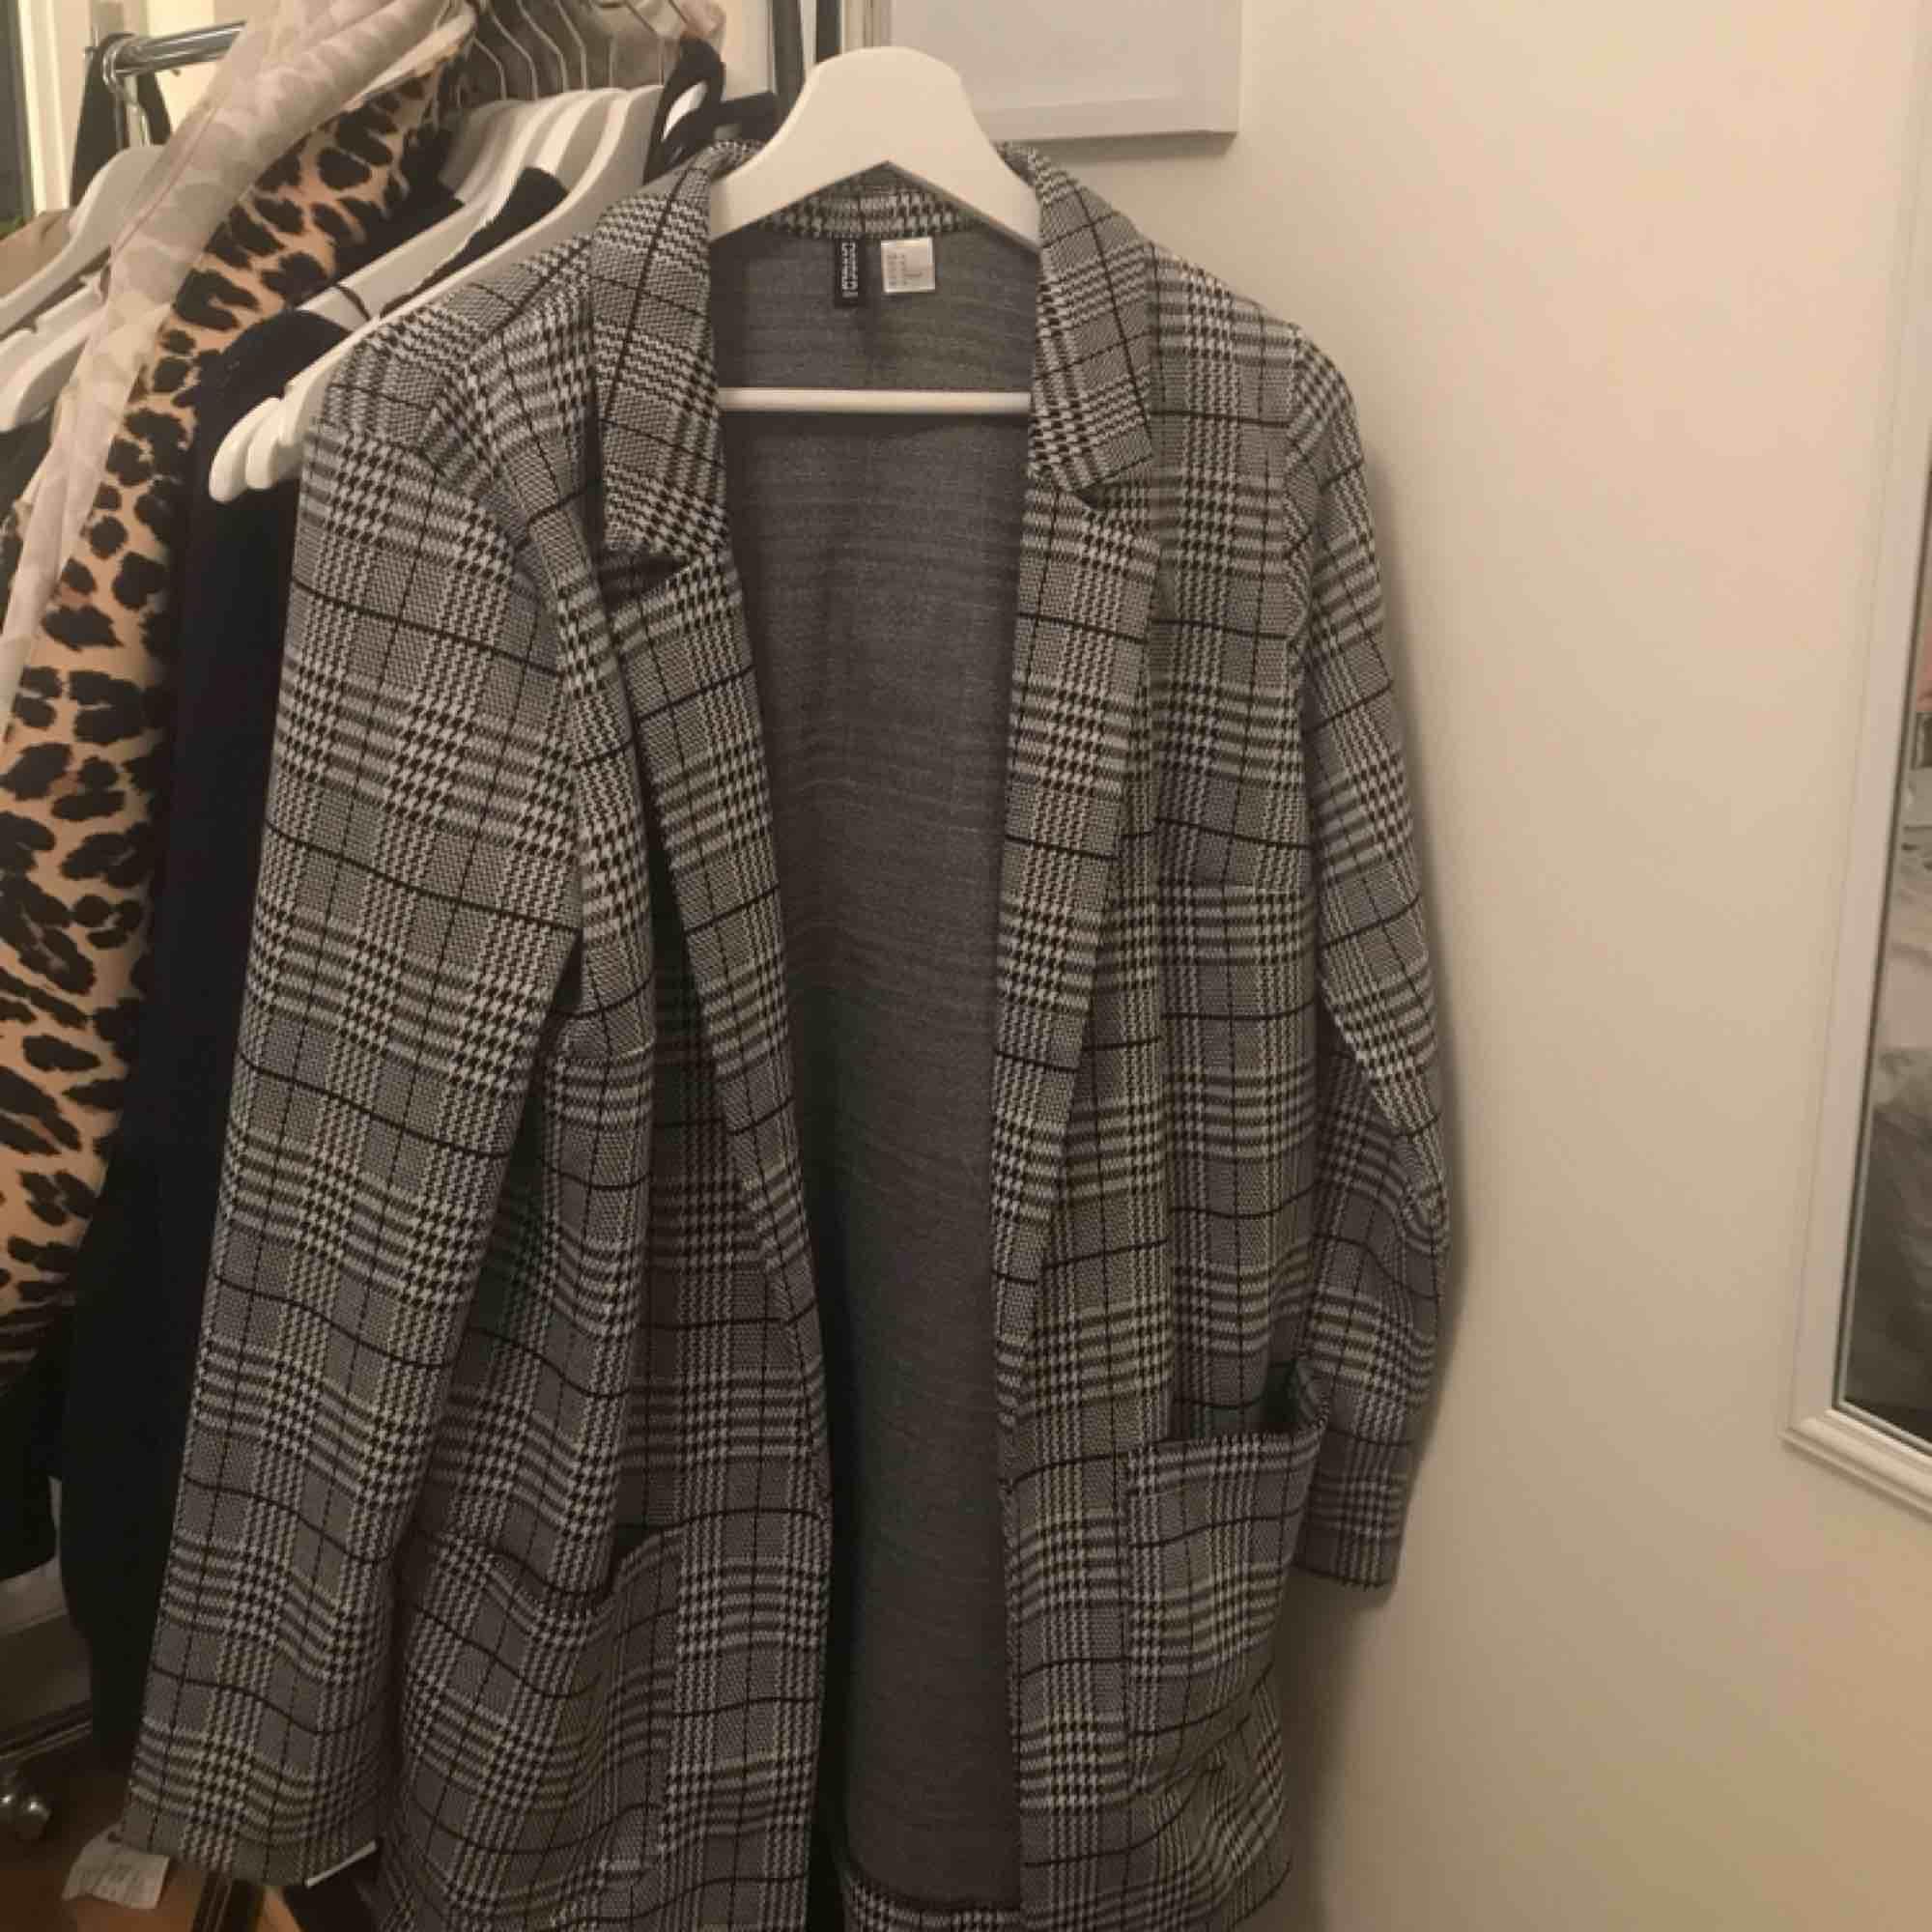 Säljer denna fina blazer/kappa ifrån H&M. Passar XS-S-M-L beroende på hur man ska styla den. Jag är 1,55 och använde den på en fotografering som kappa och den var då ner till knäna ungefär.. Kostymer.